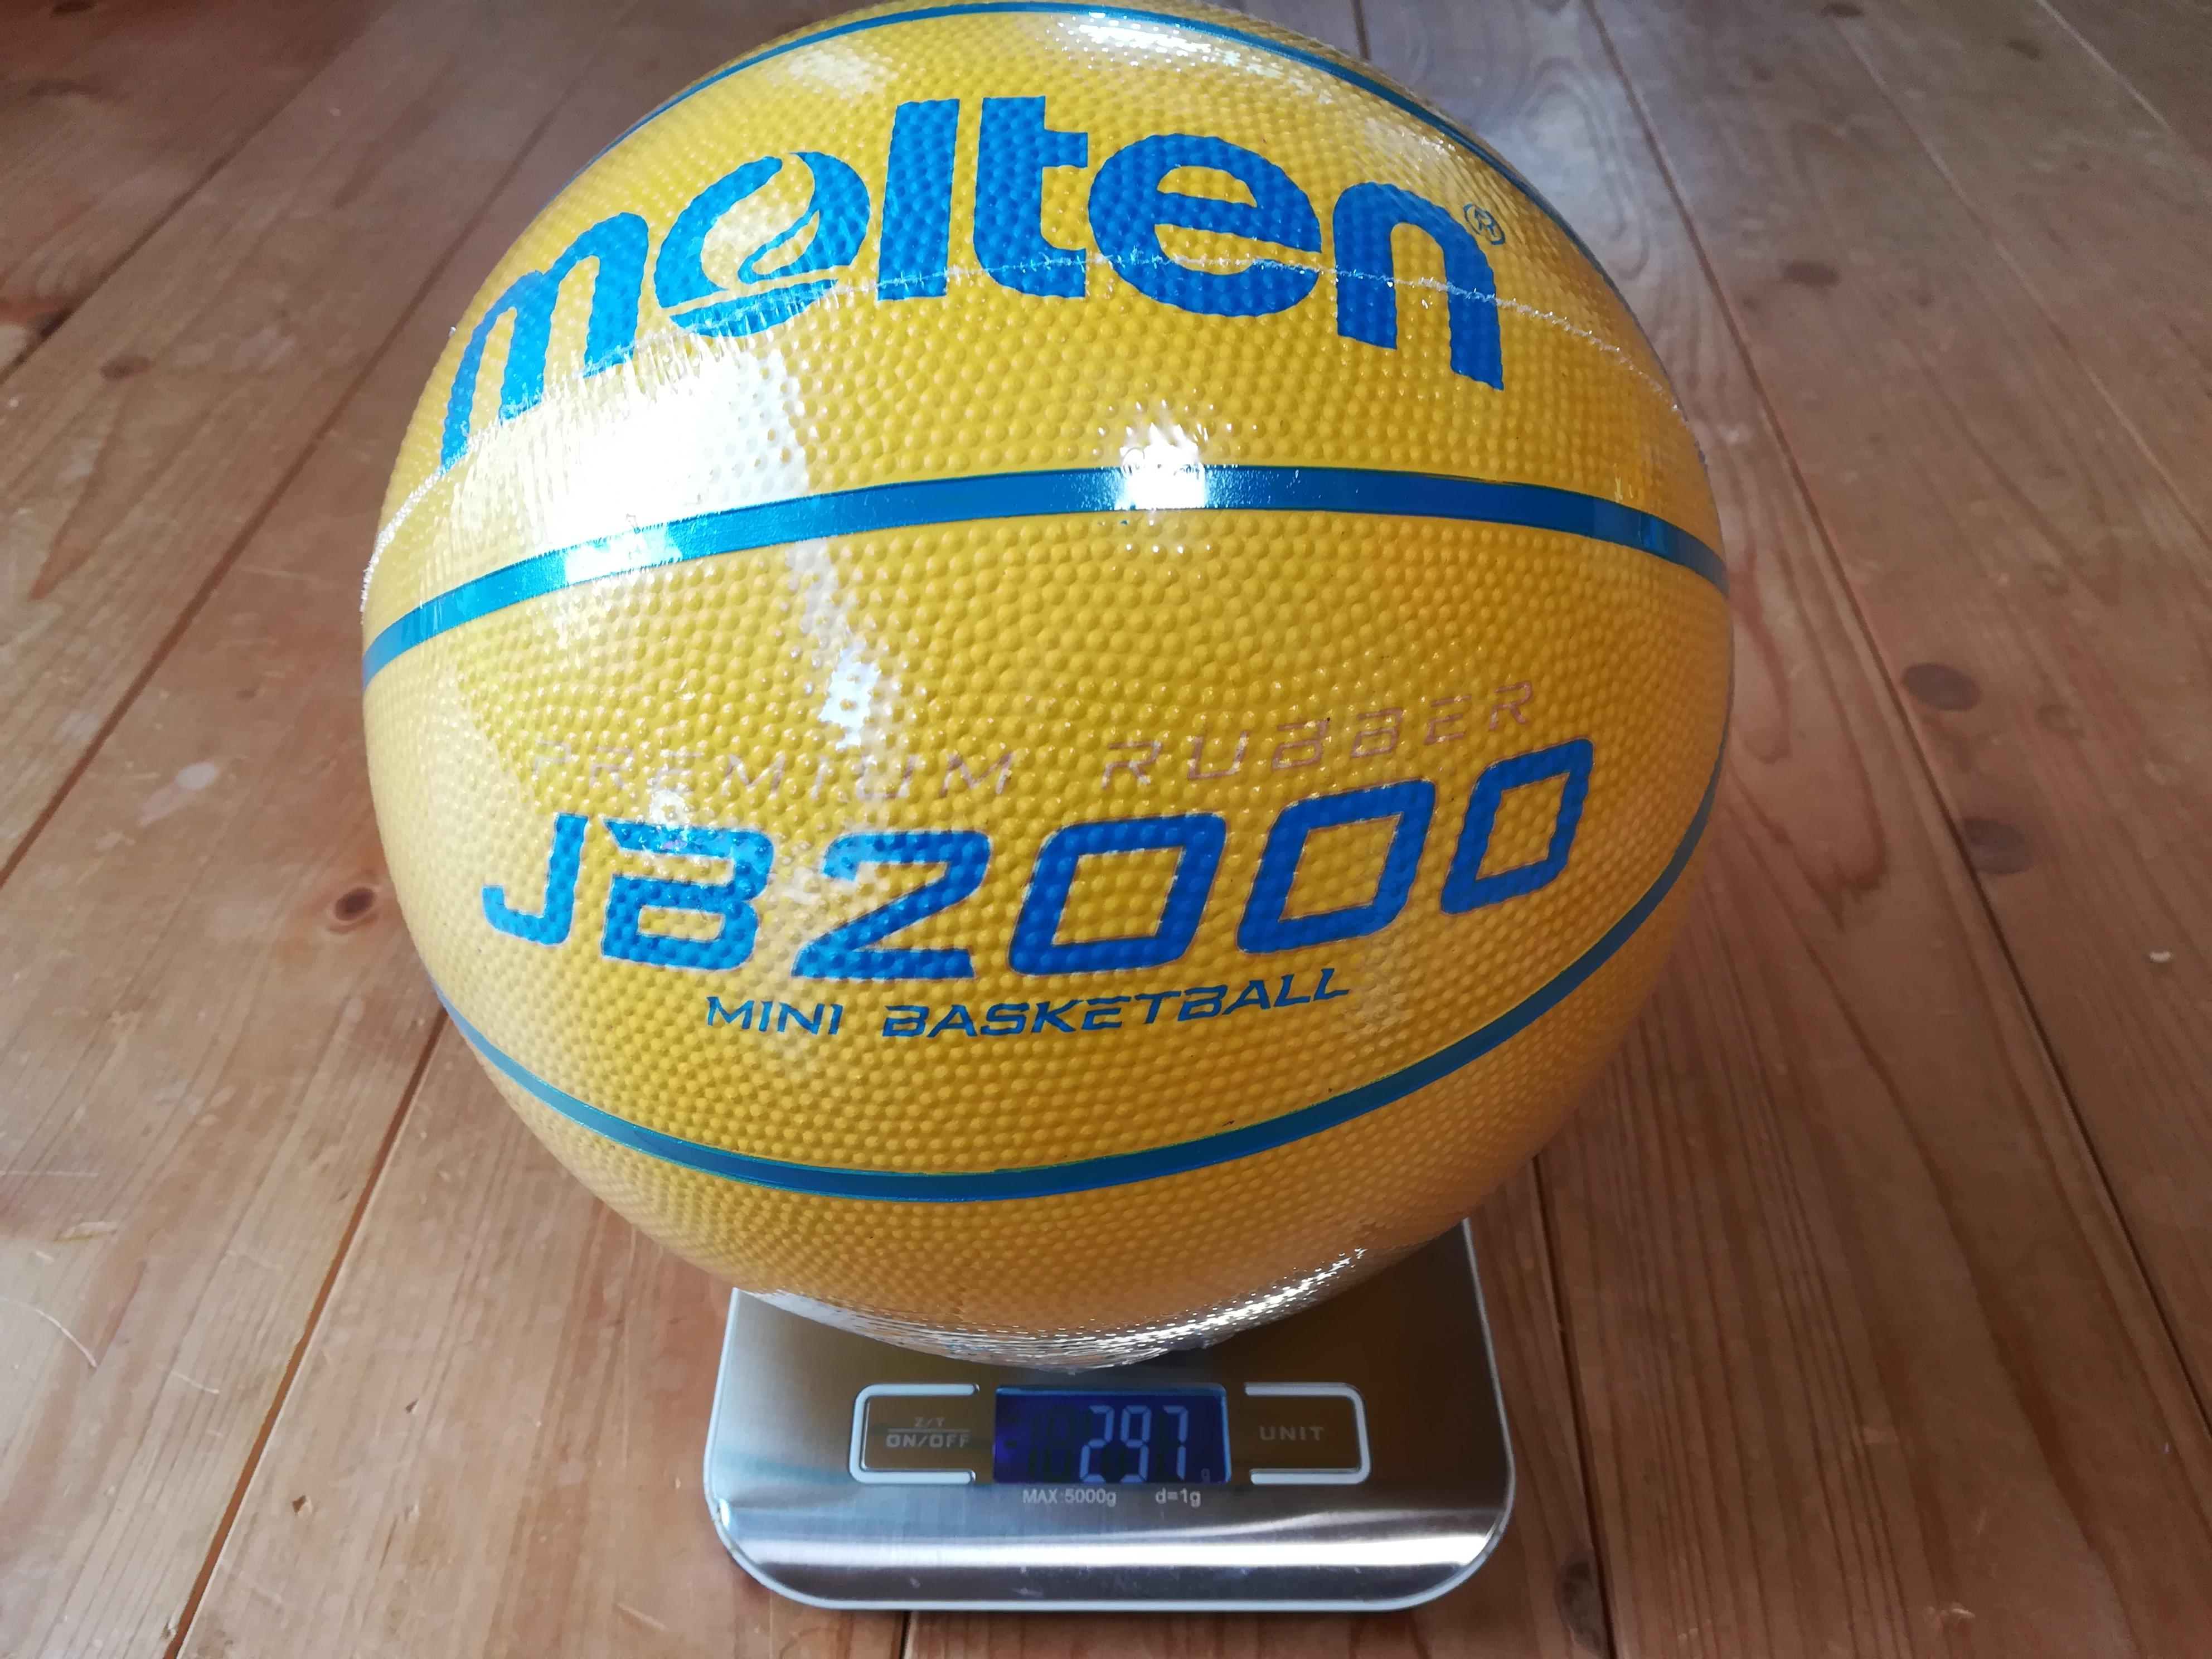 バスケットボール軽量4号球 297g